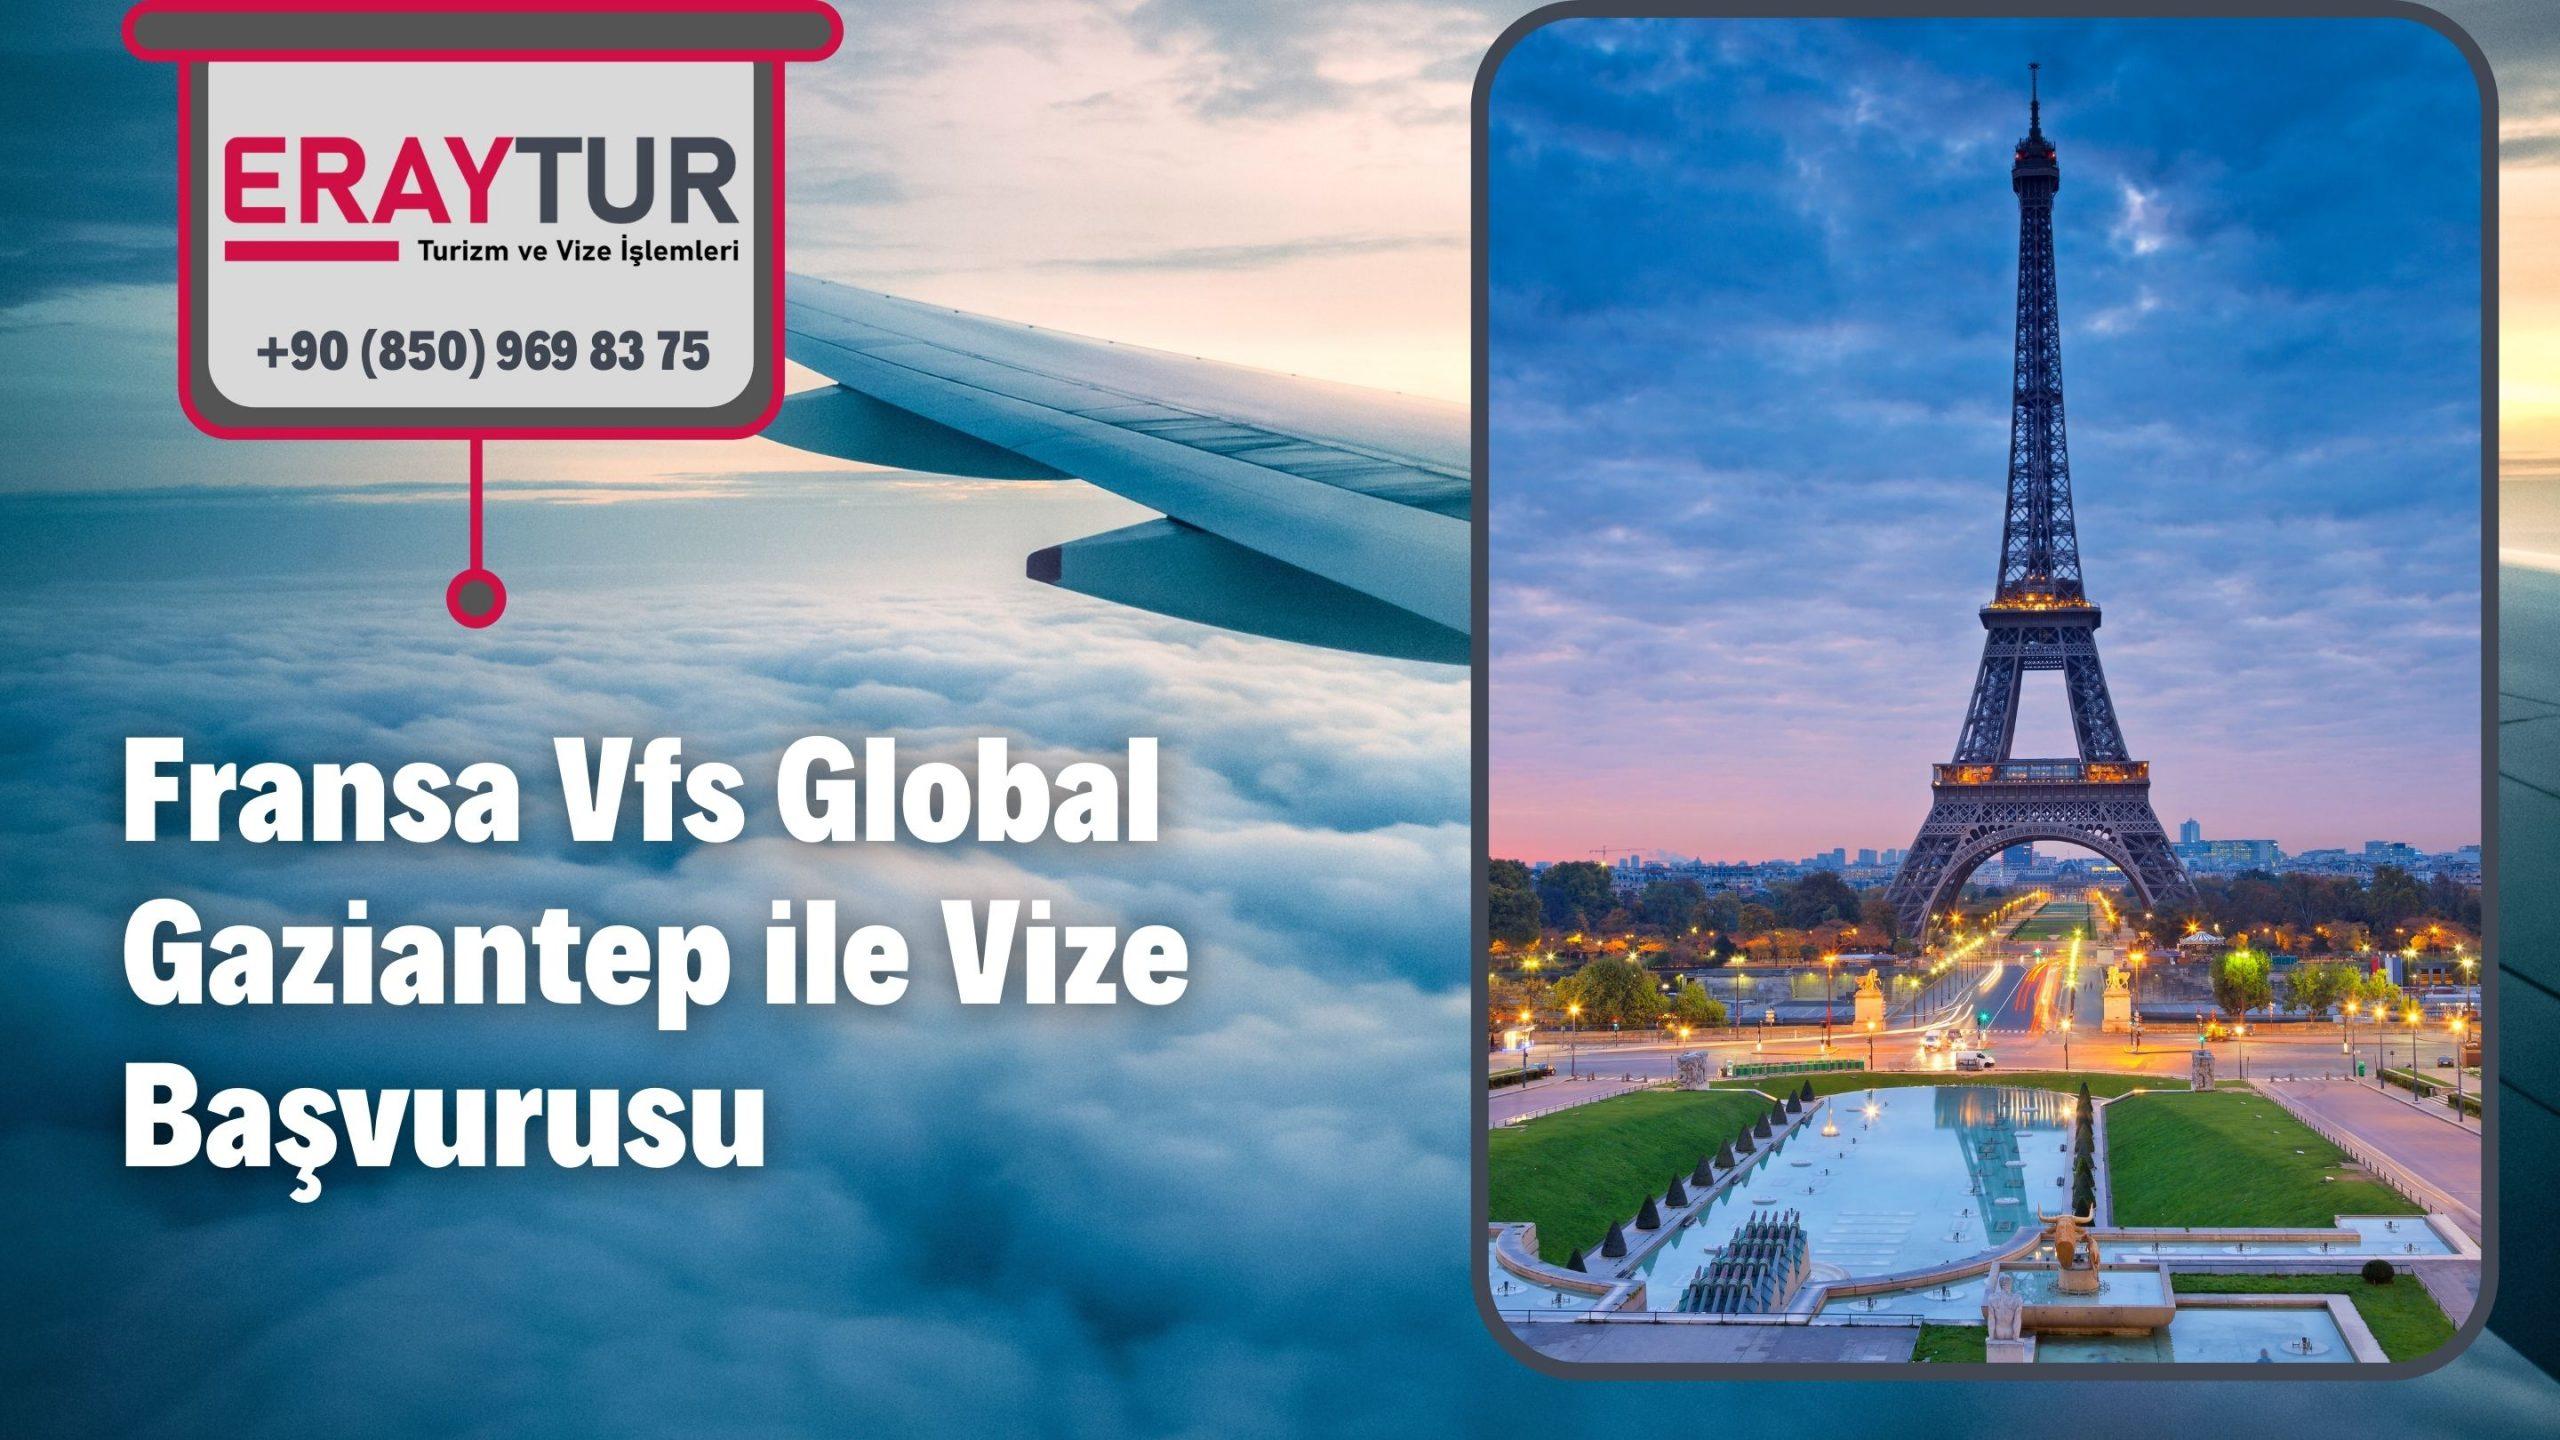 Fransa Vfs Global Gaziantep ile Vize Başvurusu